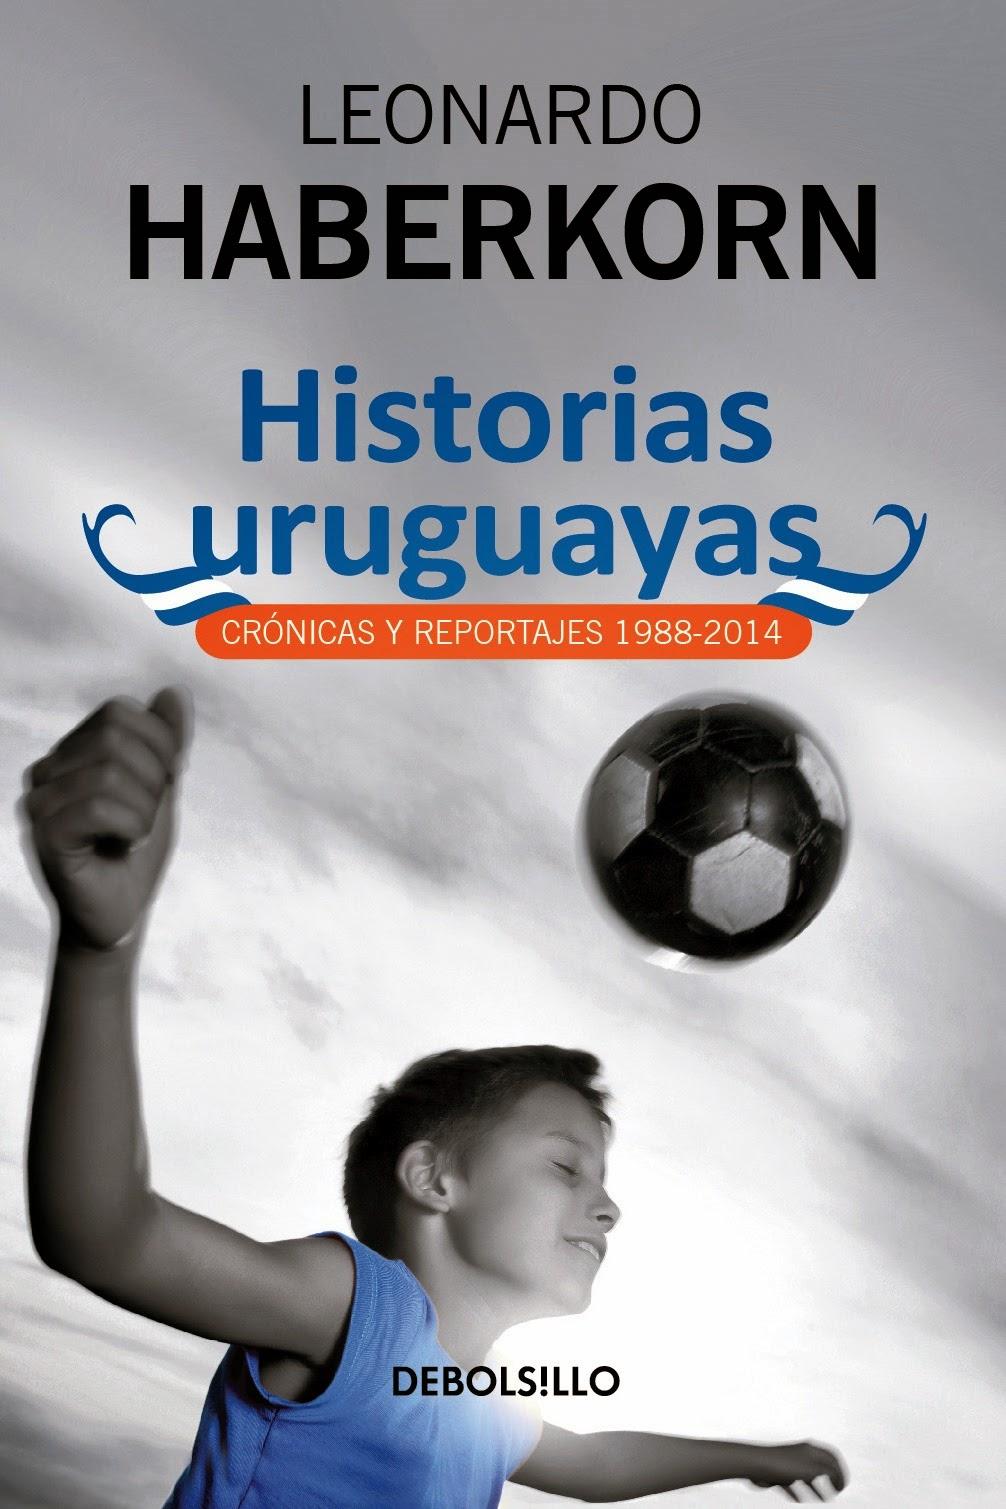 Haberkorn - Historias uruguayas